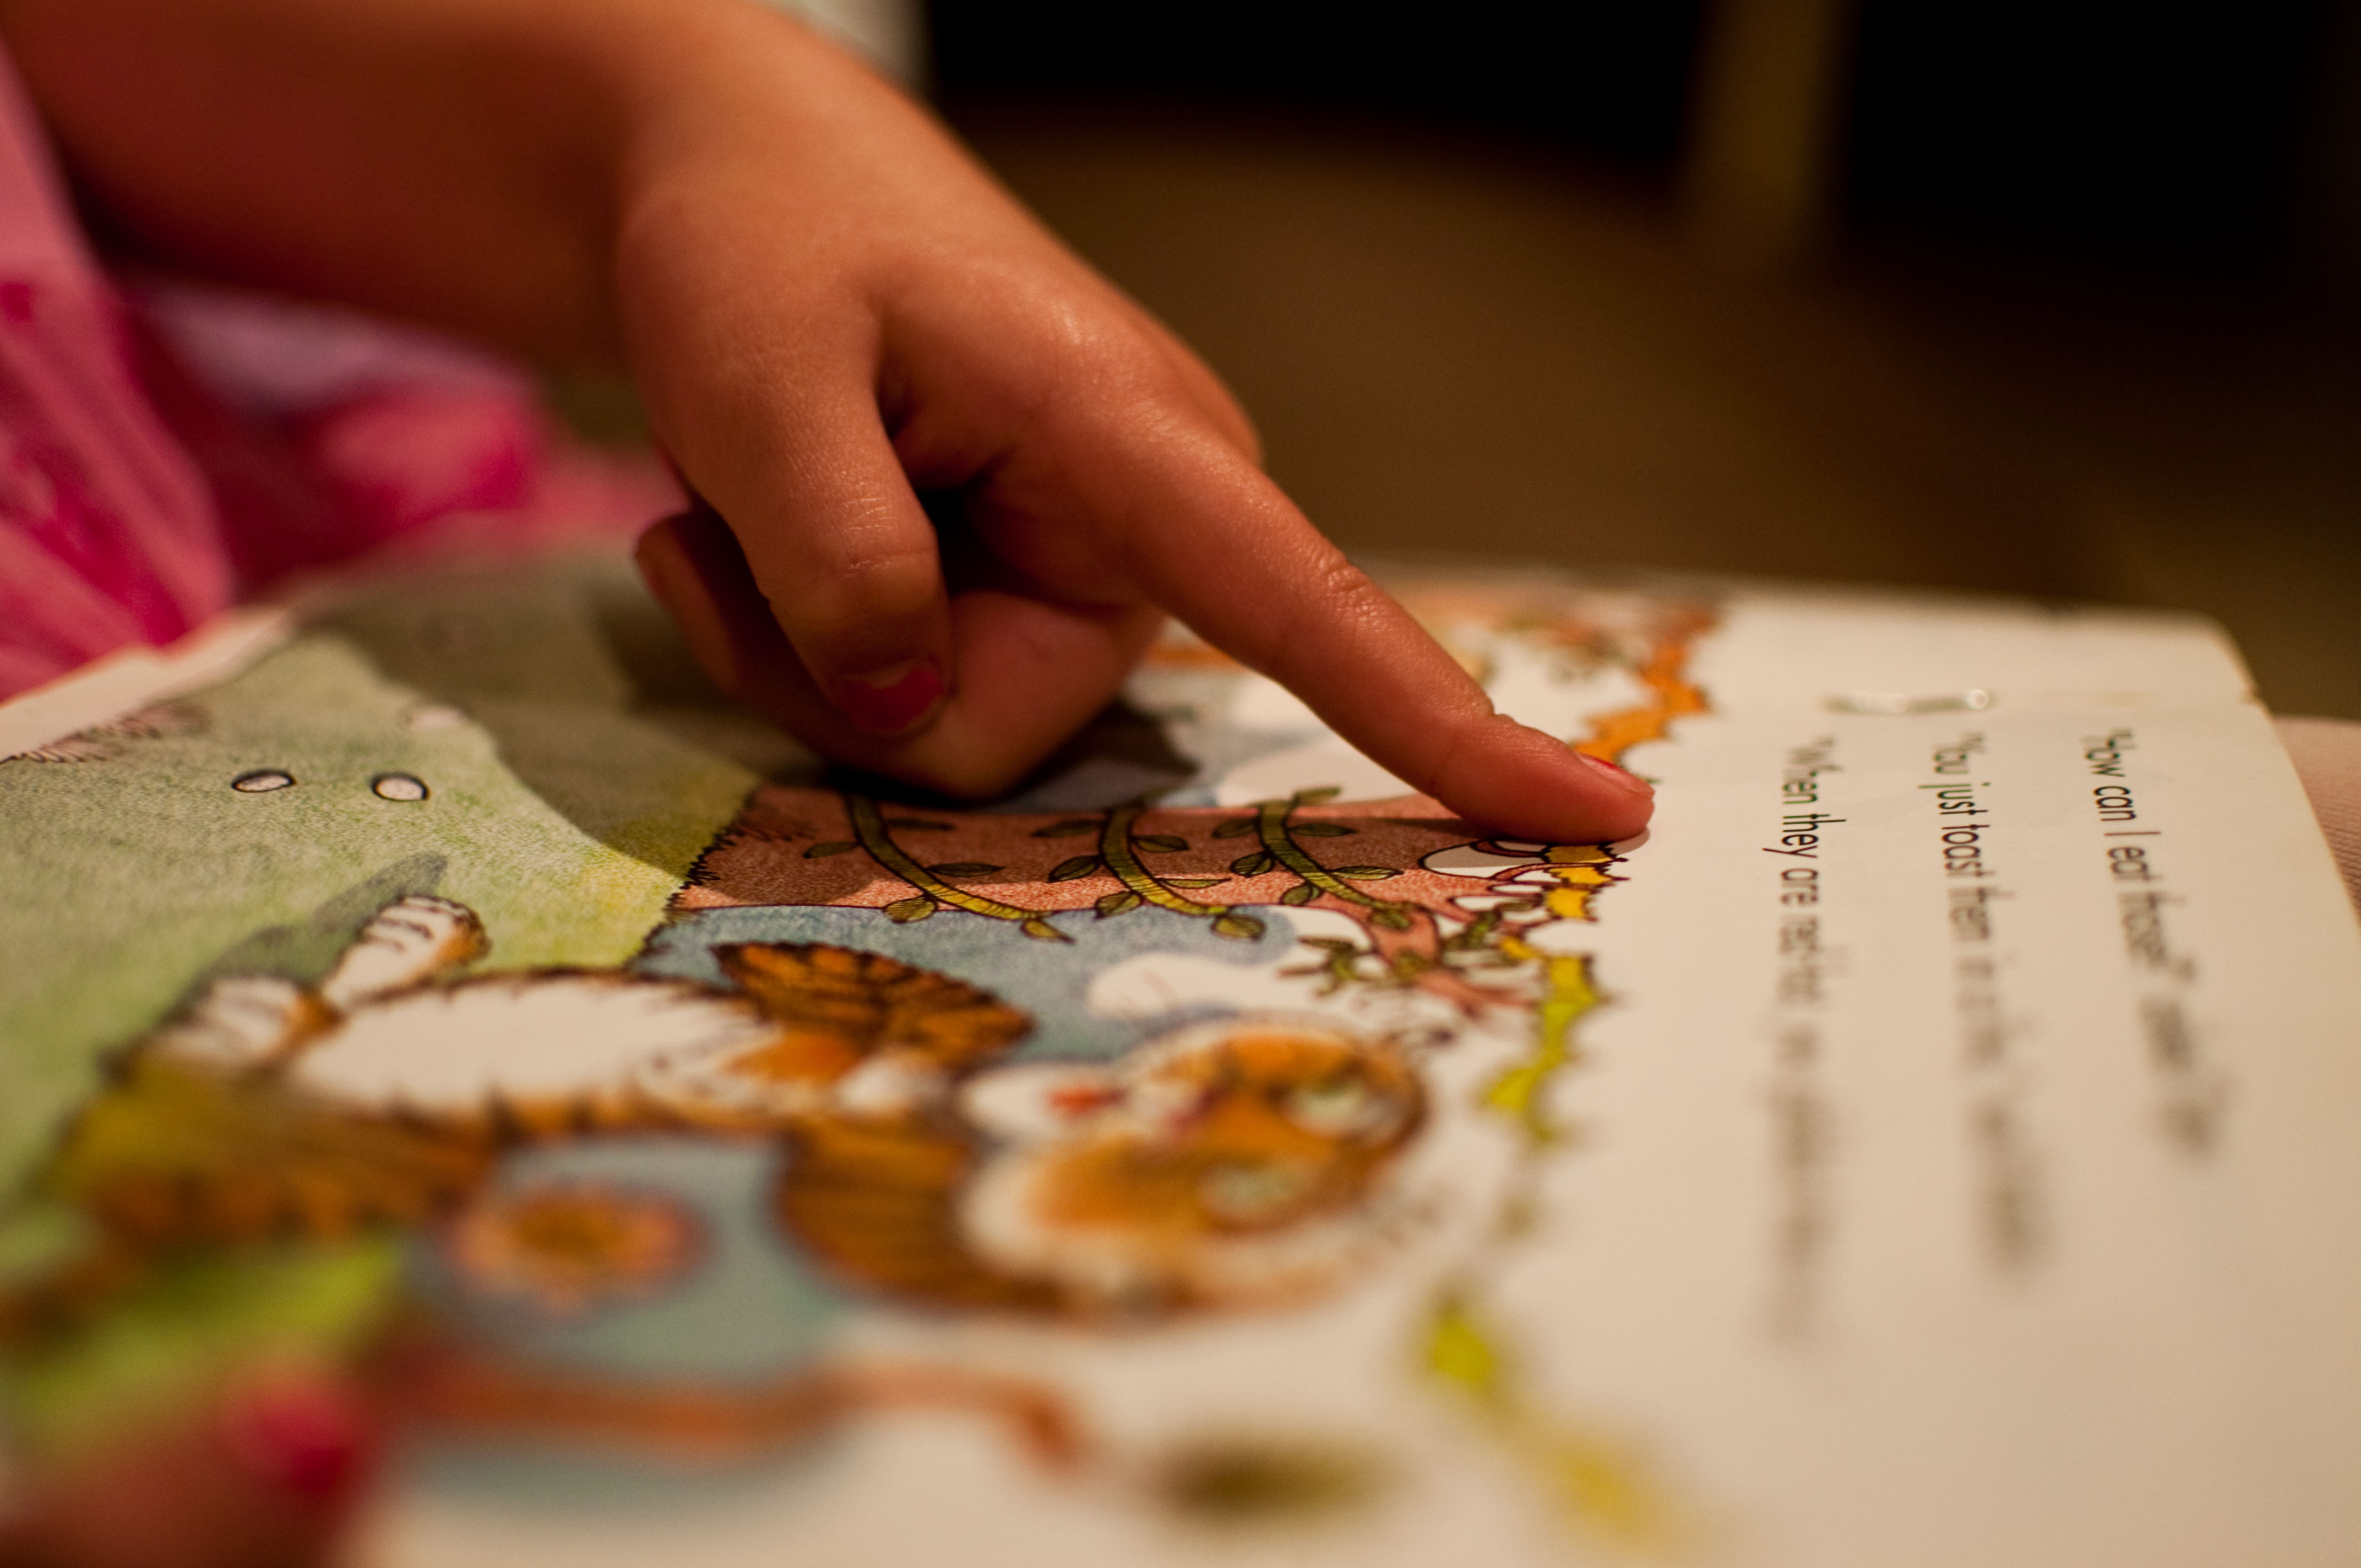 Ce activități putem face pe baza cărților cu ilustrații?